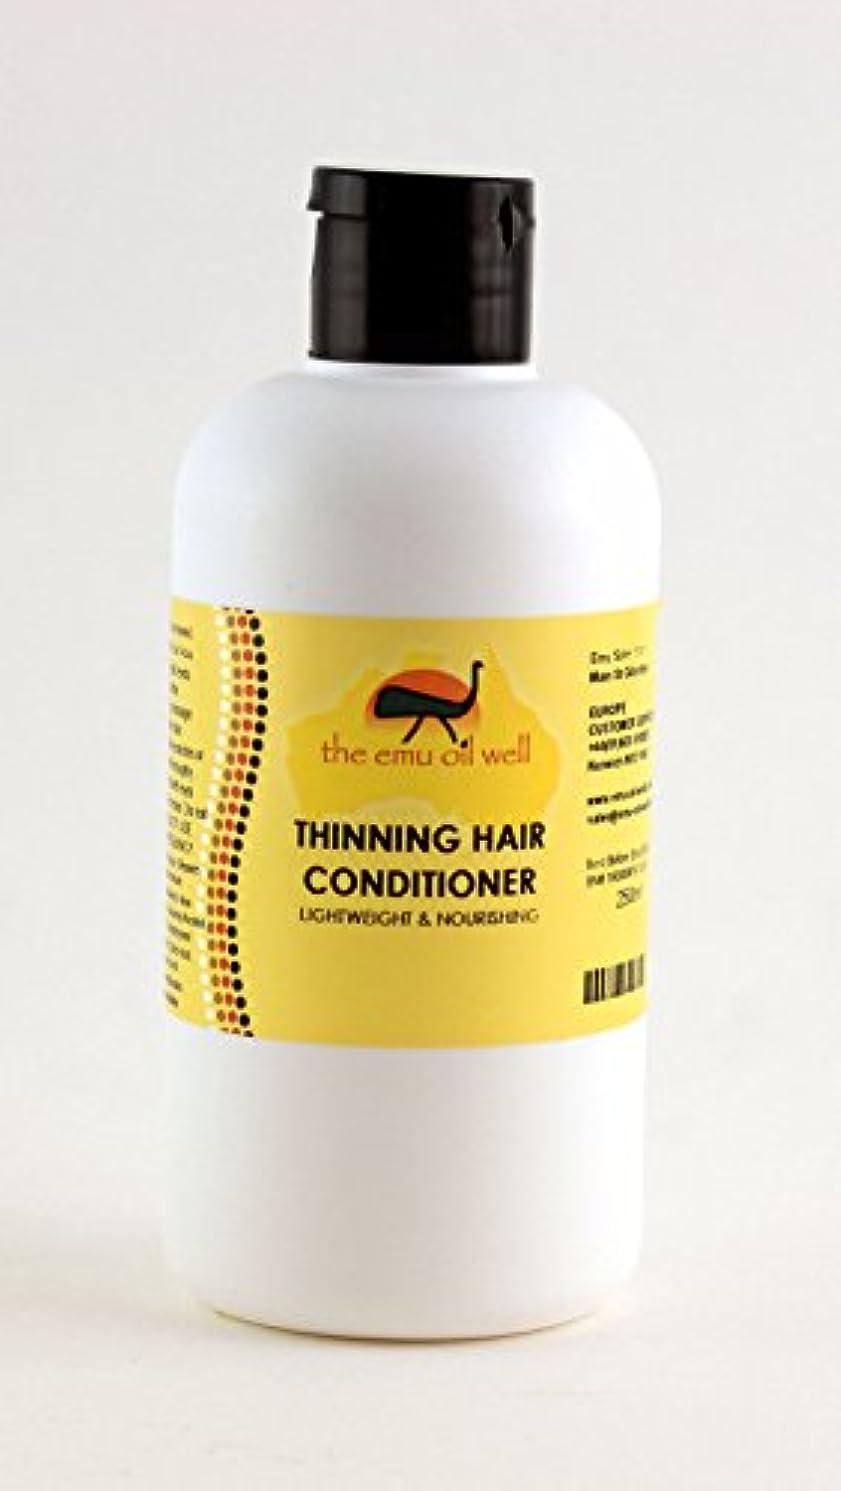 故障ハンカチアンテナエミューオイル250ミリリットル、NATURALで髪コンディショナーを薄くし、再水和 Australian Emu oil